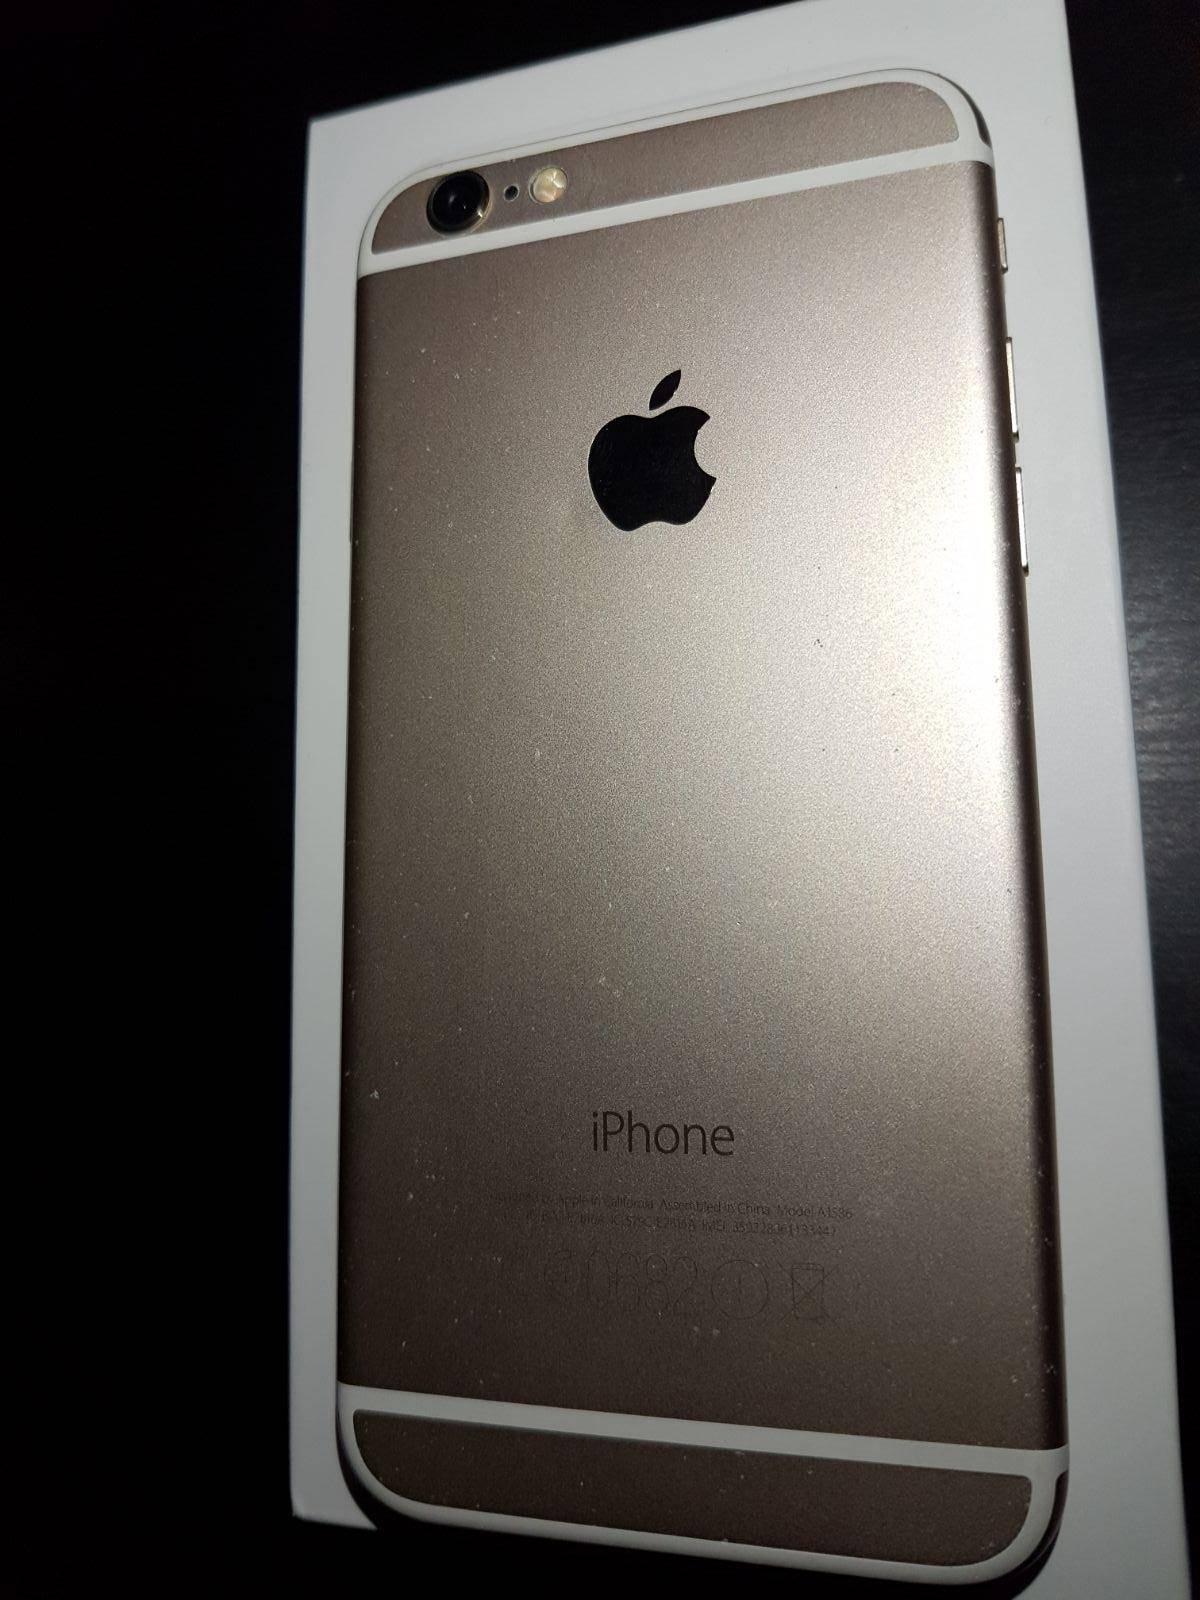 Vendo iphone 6 gold 16gb barato enlace directo al for Puerta wonder woman